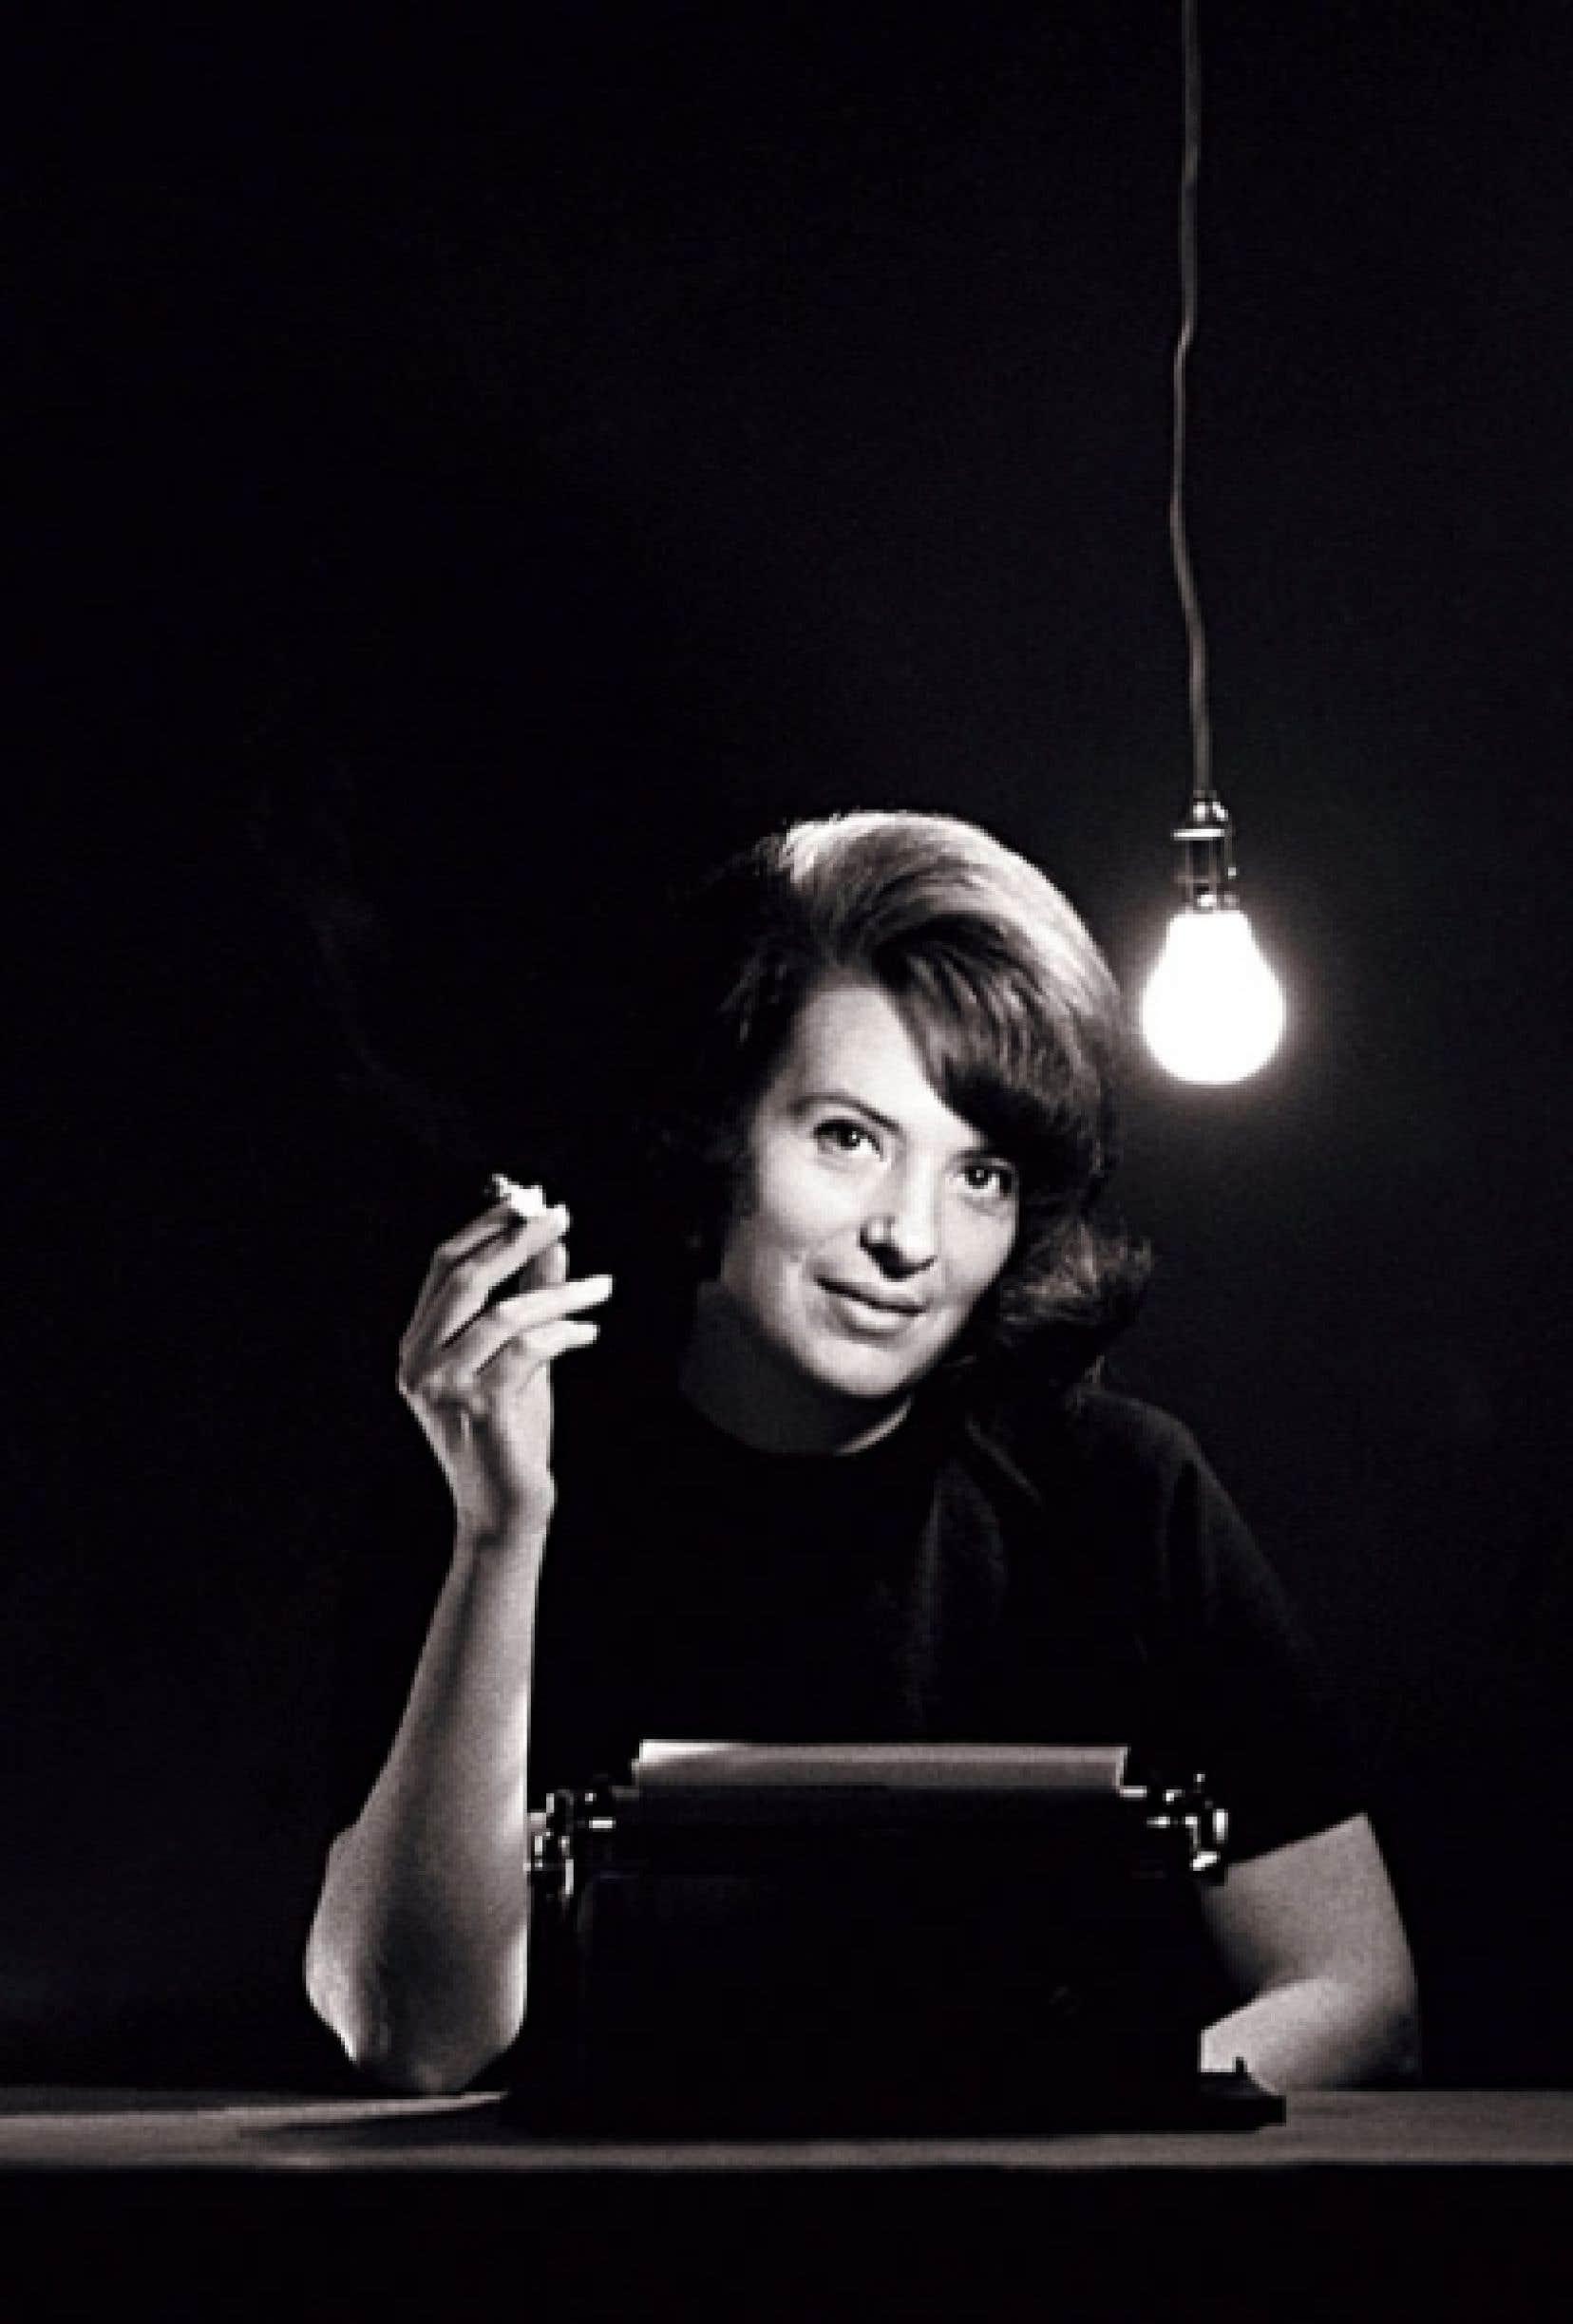 <div> Photo de Marie Cardinal datant de 1963 parue dans le magazine Marie-Claire.&nbsp;</div>